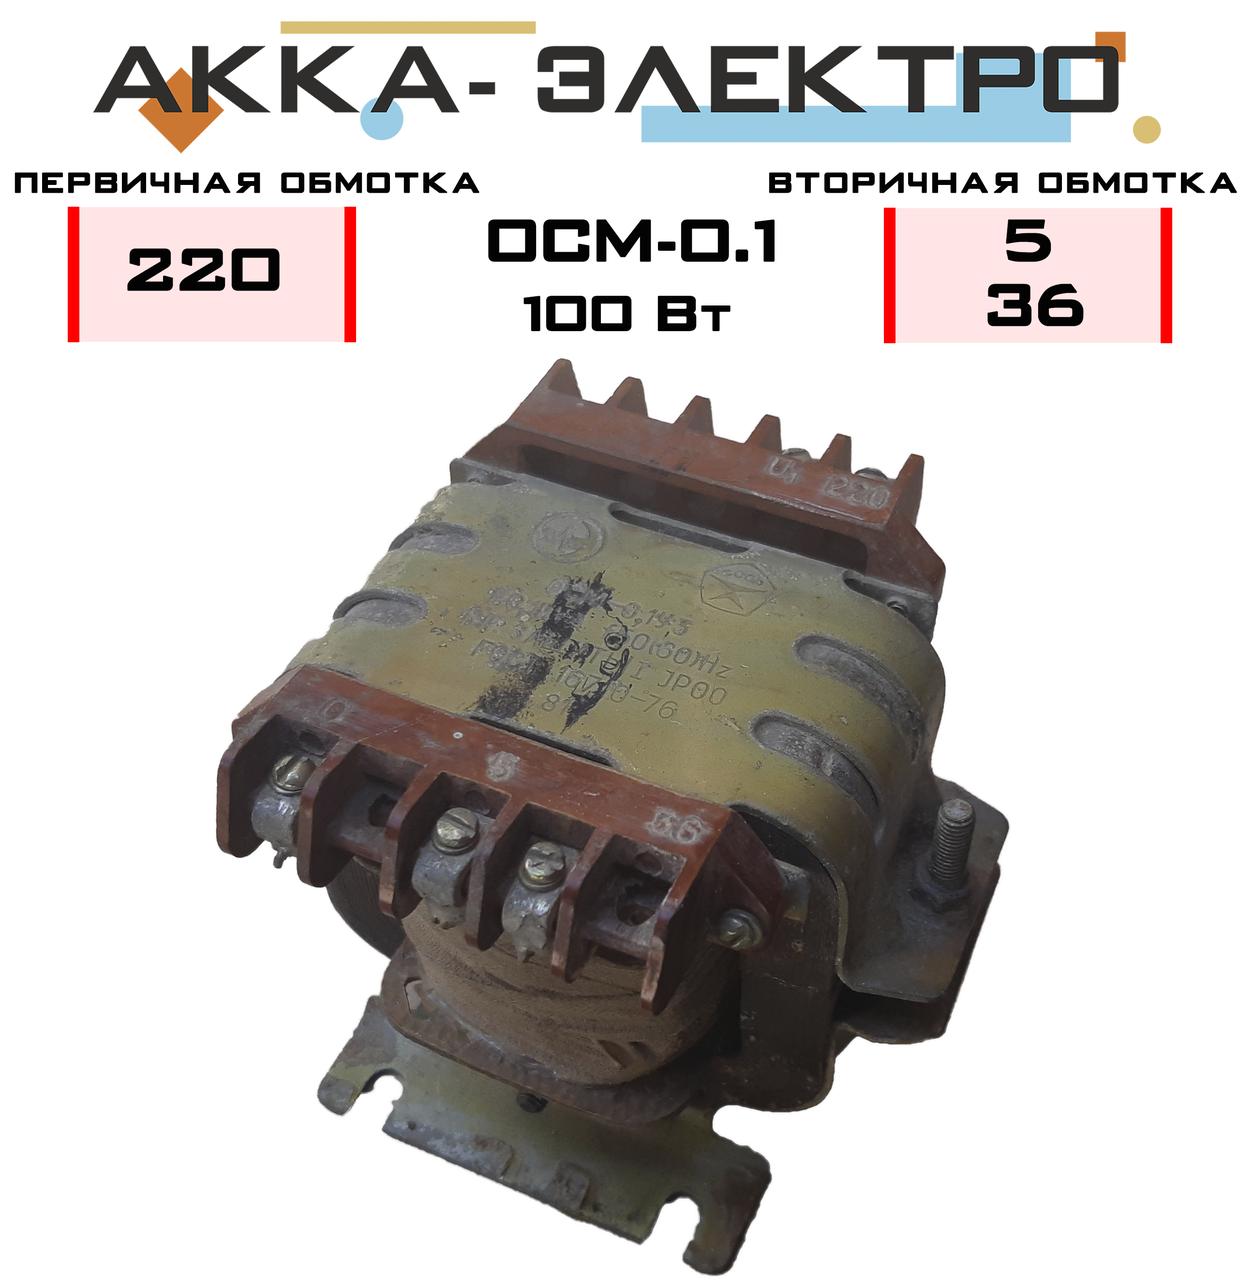 Понижающий трансформатор ОСМ-0,1 220/5/36 (100Вт)